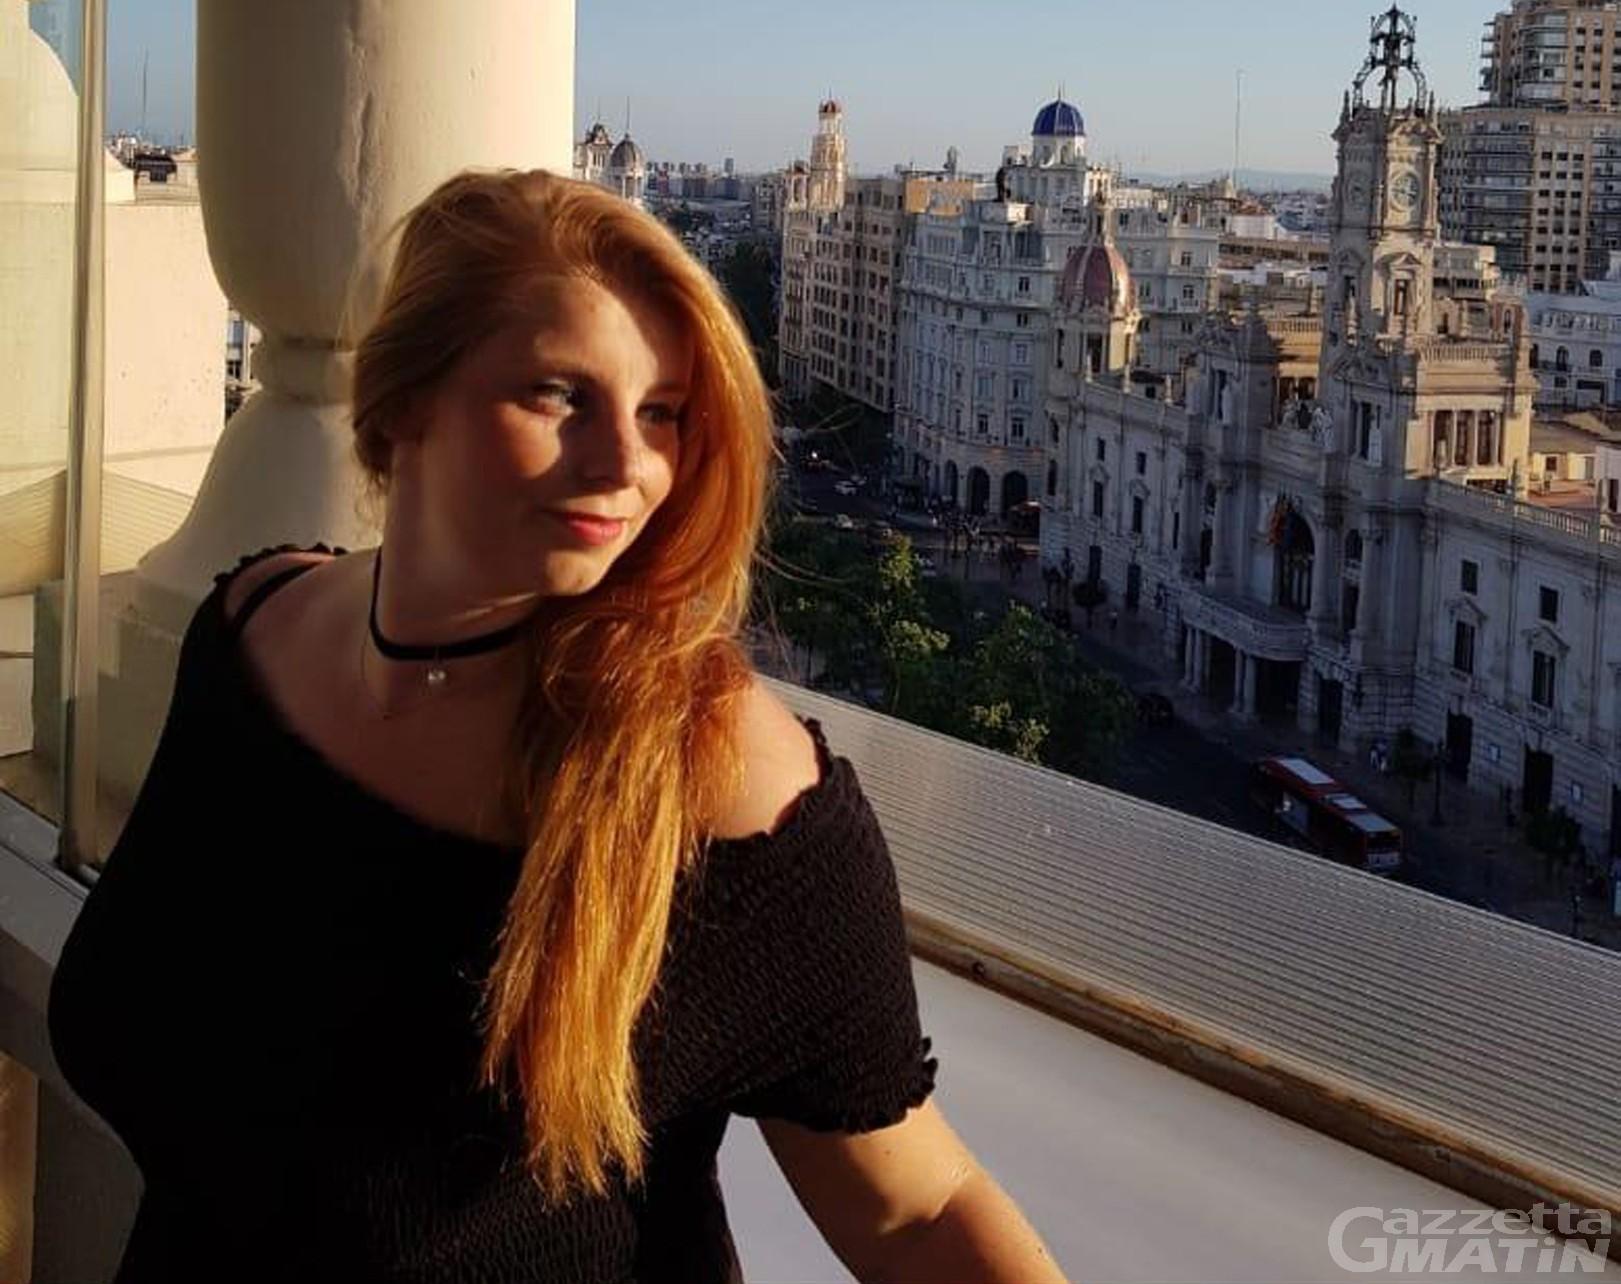 Coronavirus, testimonianza di Martina Brunod: «A Valencia in Spagna nessuna percezione di pericolo»